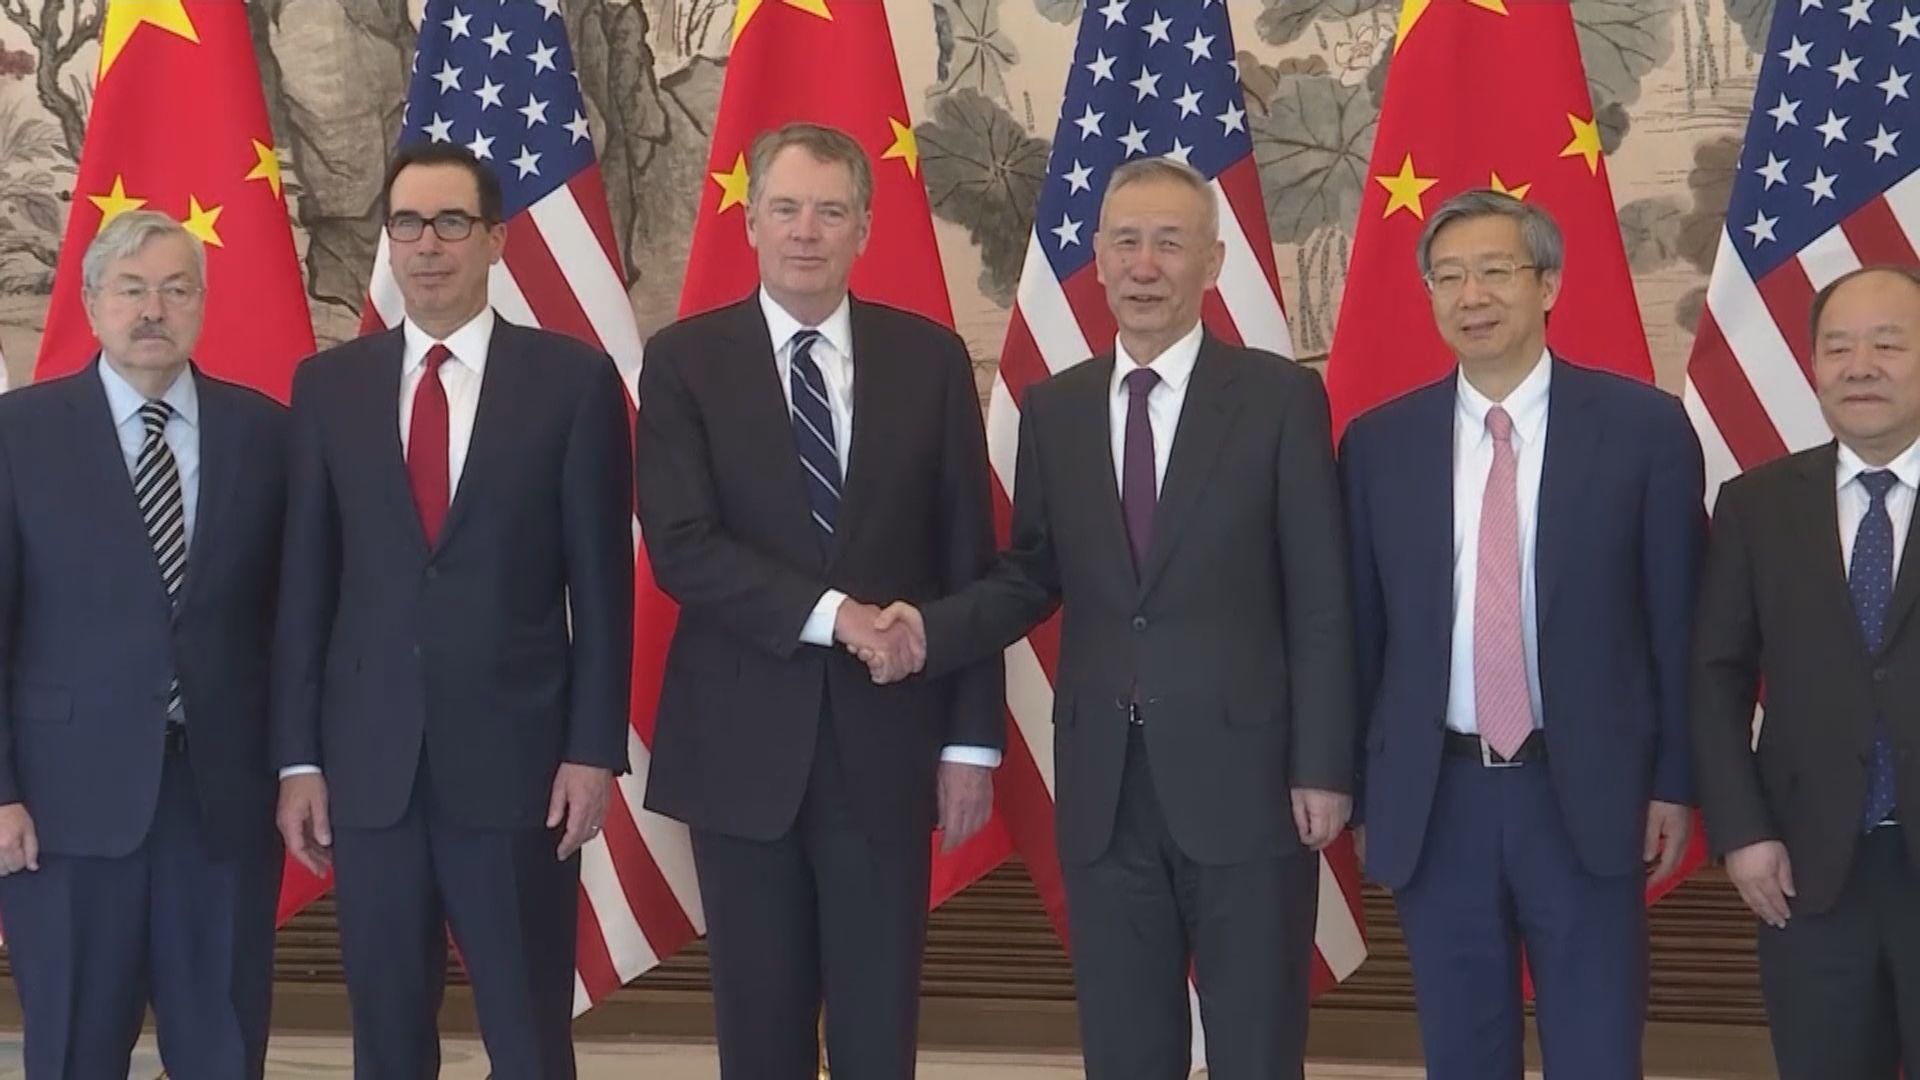 中美經貿磋商結束 新華社指雙方有新進展